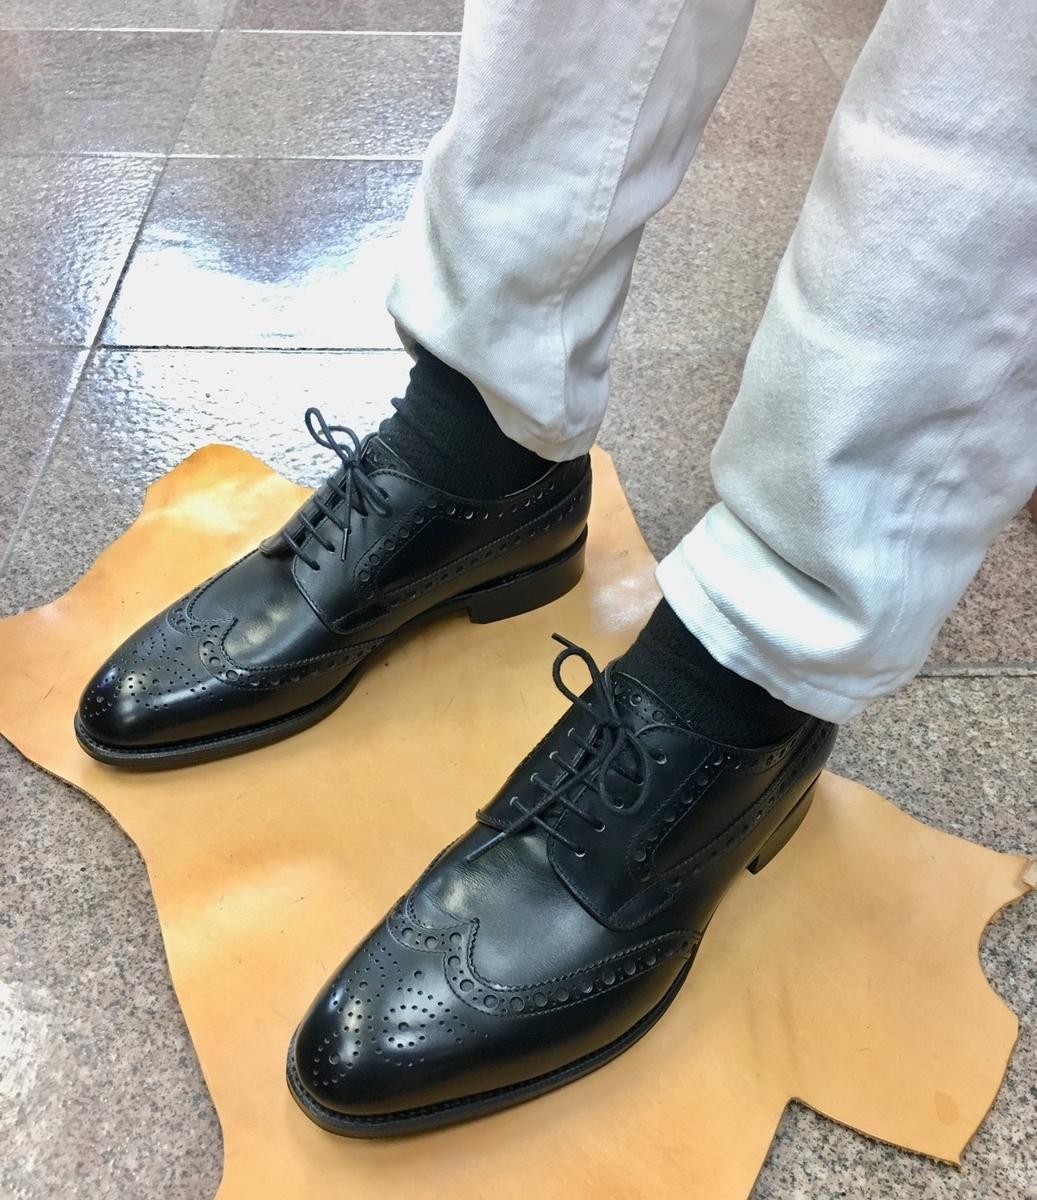 f:id:raymar-shoes:20190814202137j:plain